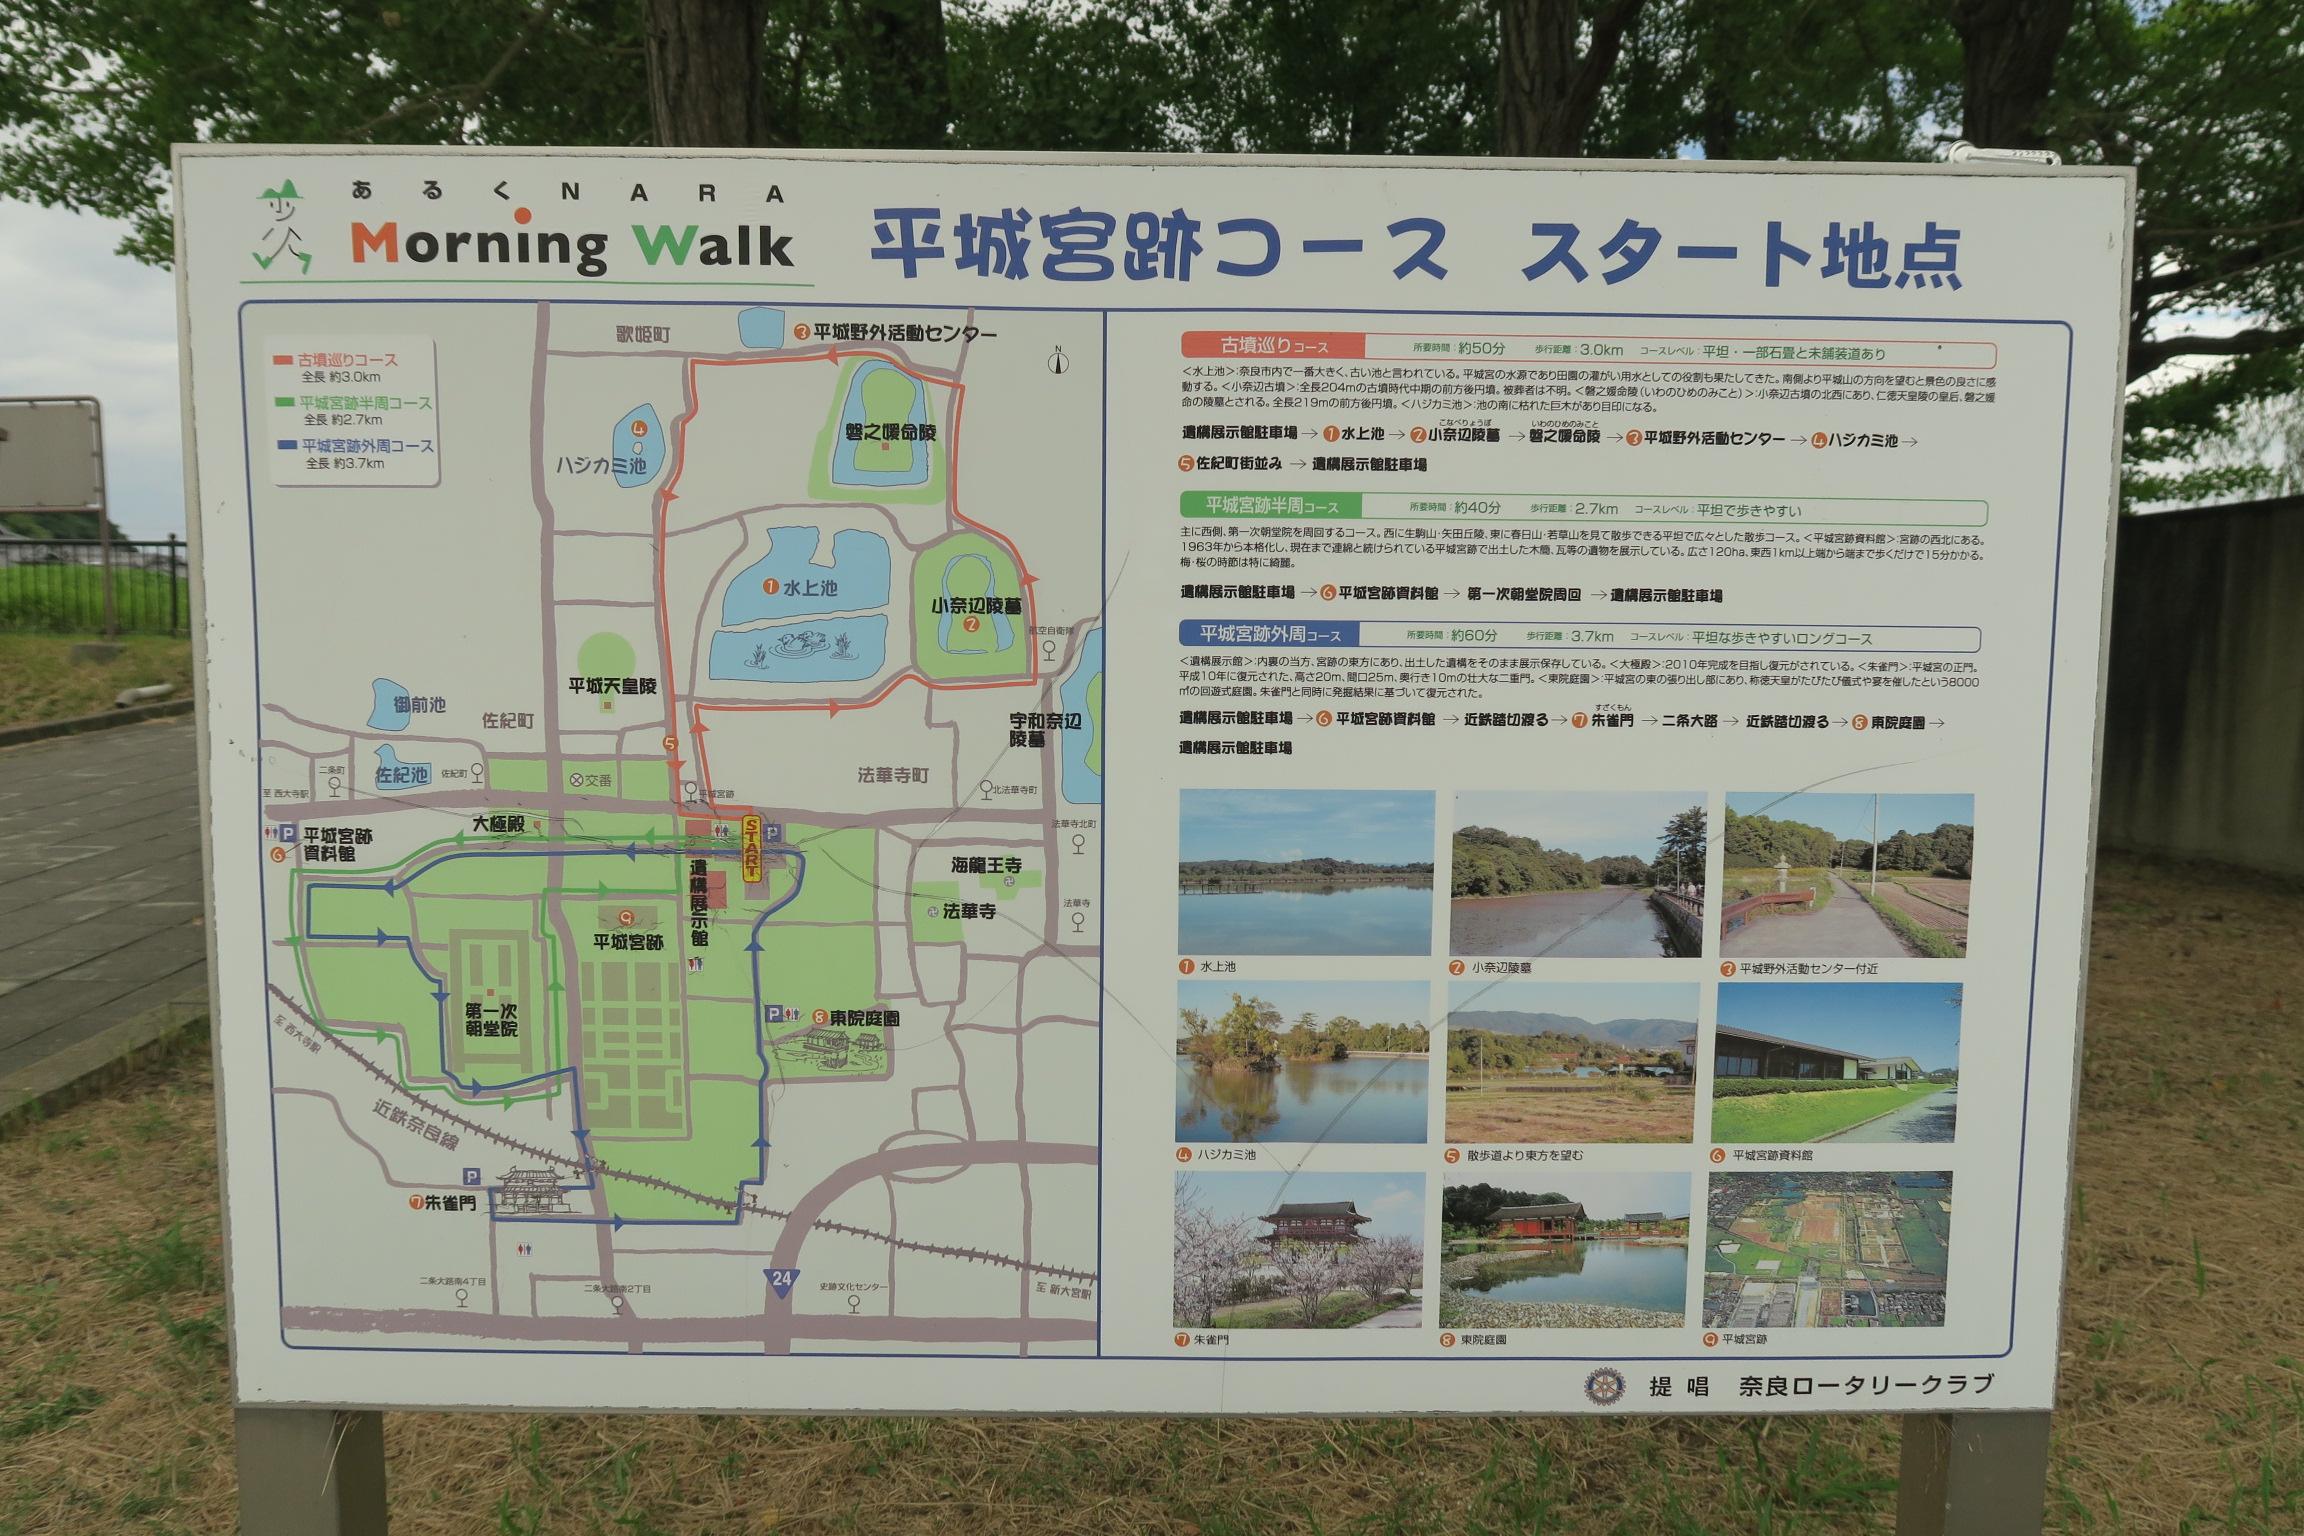 トイレ横の看板にお散歩コースの案内がありました。古墳、平城宮跡コースなどの3つ。